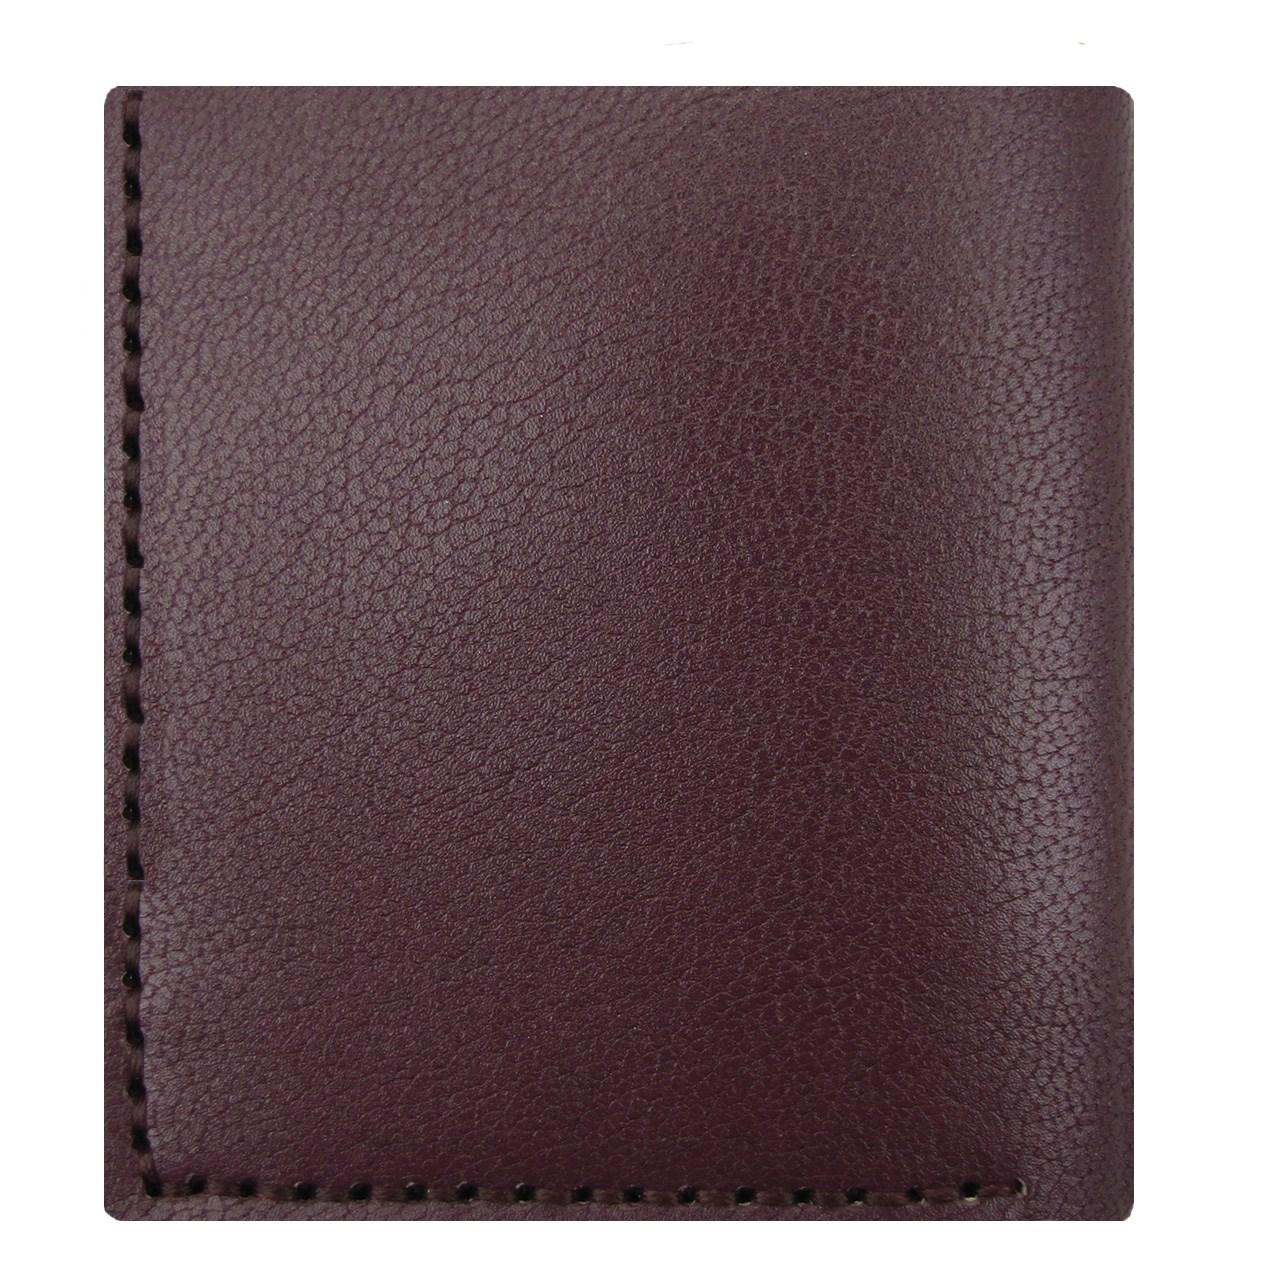 کیف پول چرم طبیعی ای دی گالری مدل X3